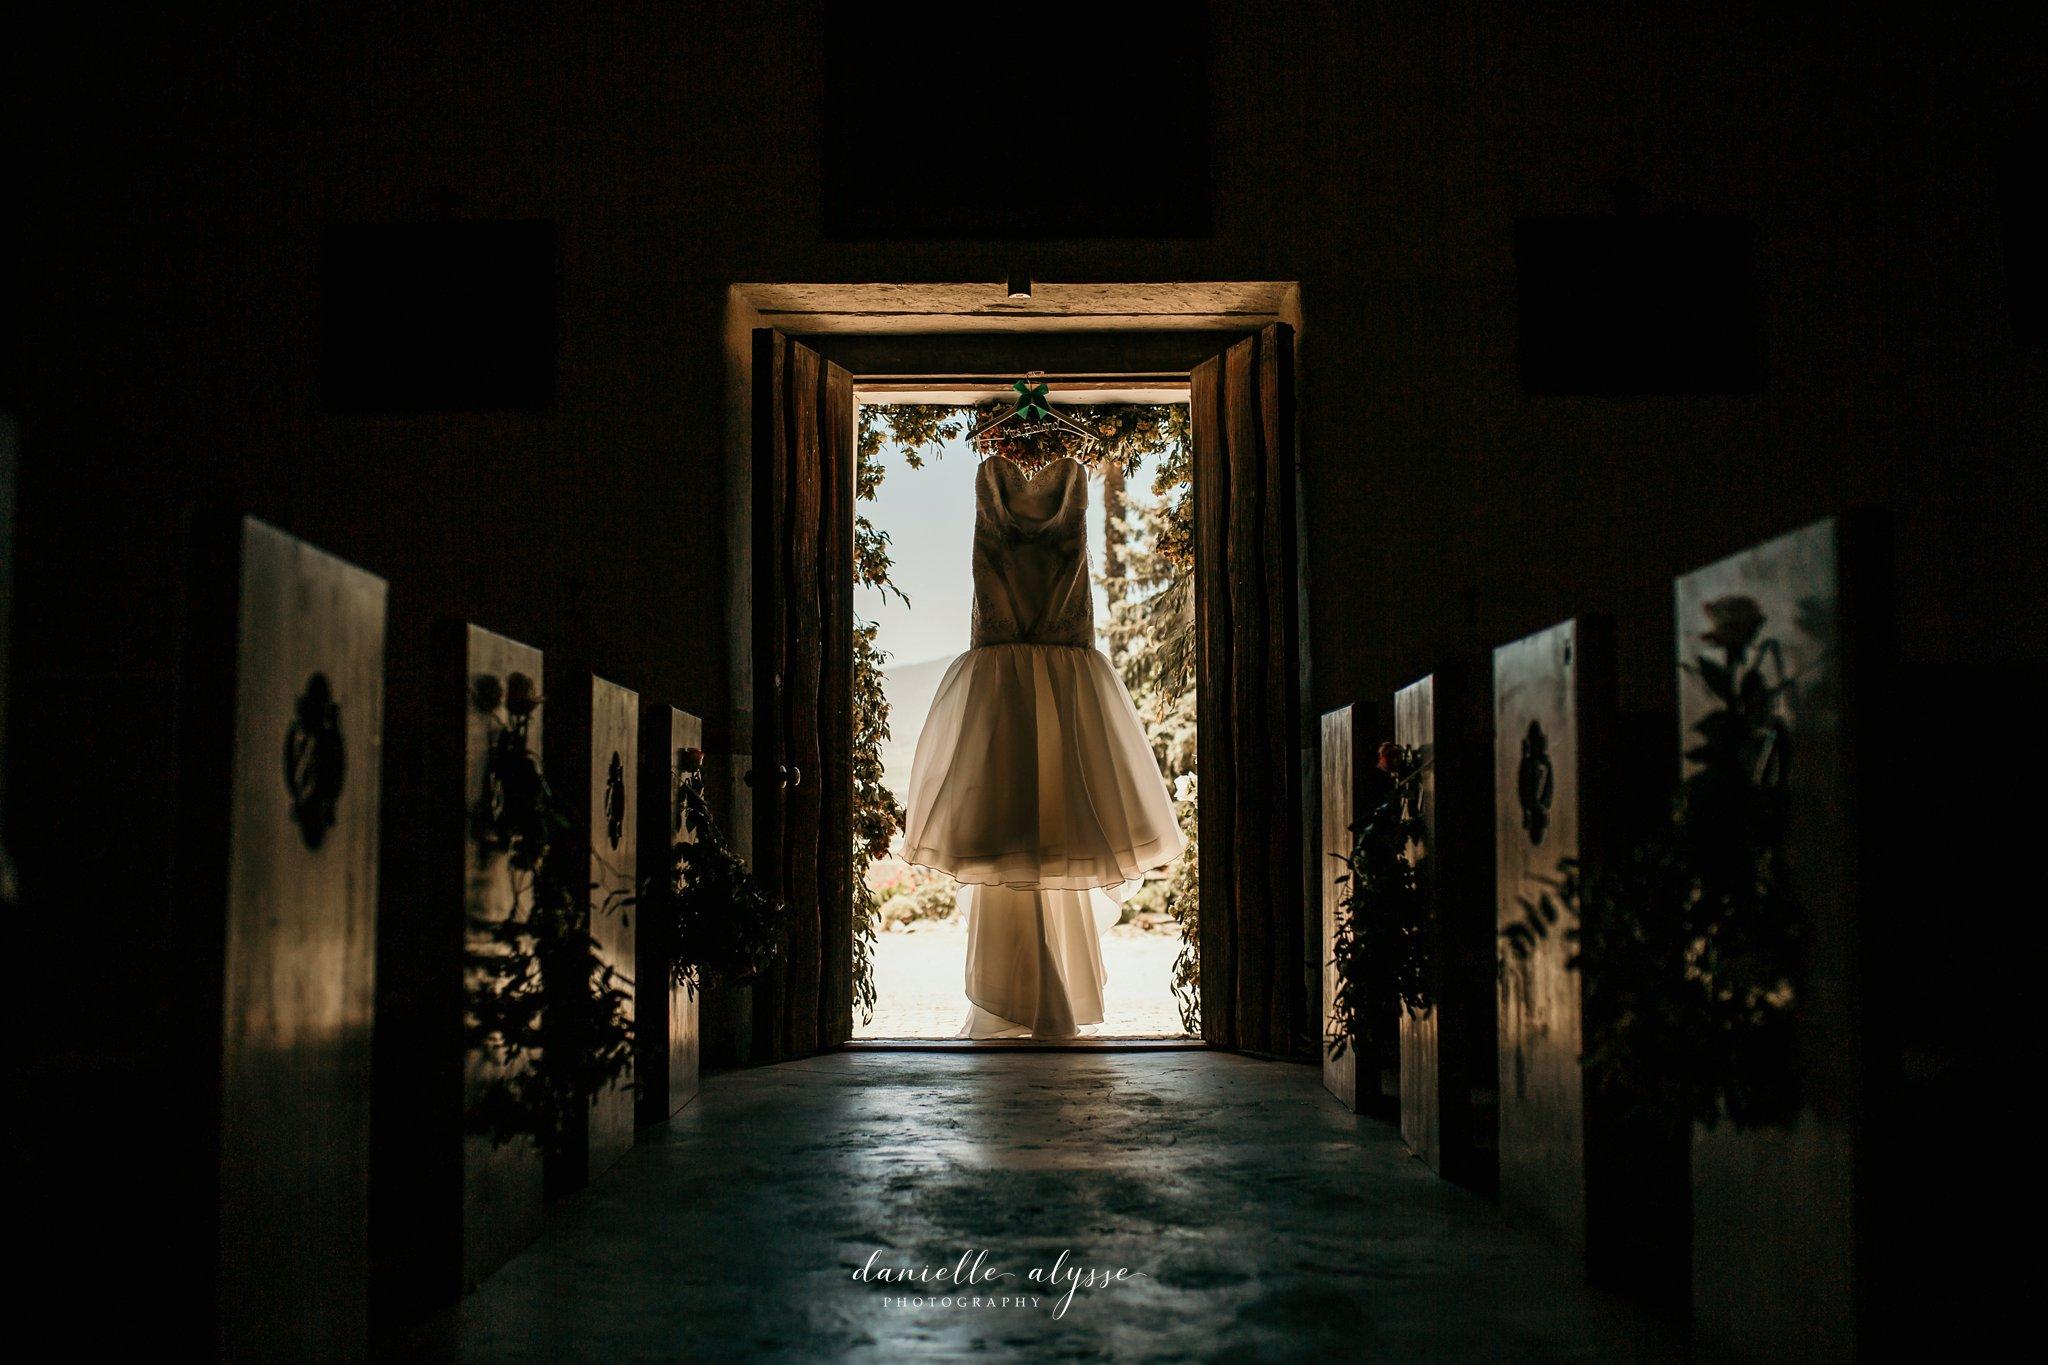 180630_wedding_lily_ryan_mission_soledad_california_danielle_alysse_photography_blog_71_WEB.jpg